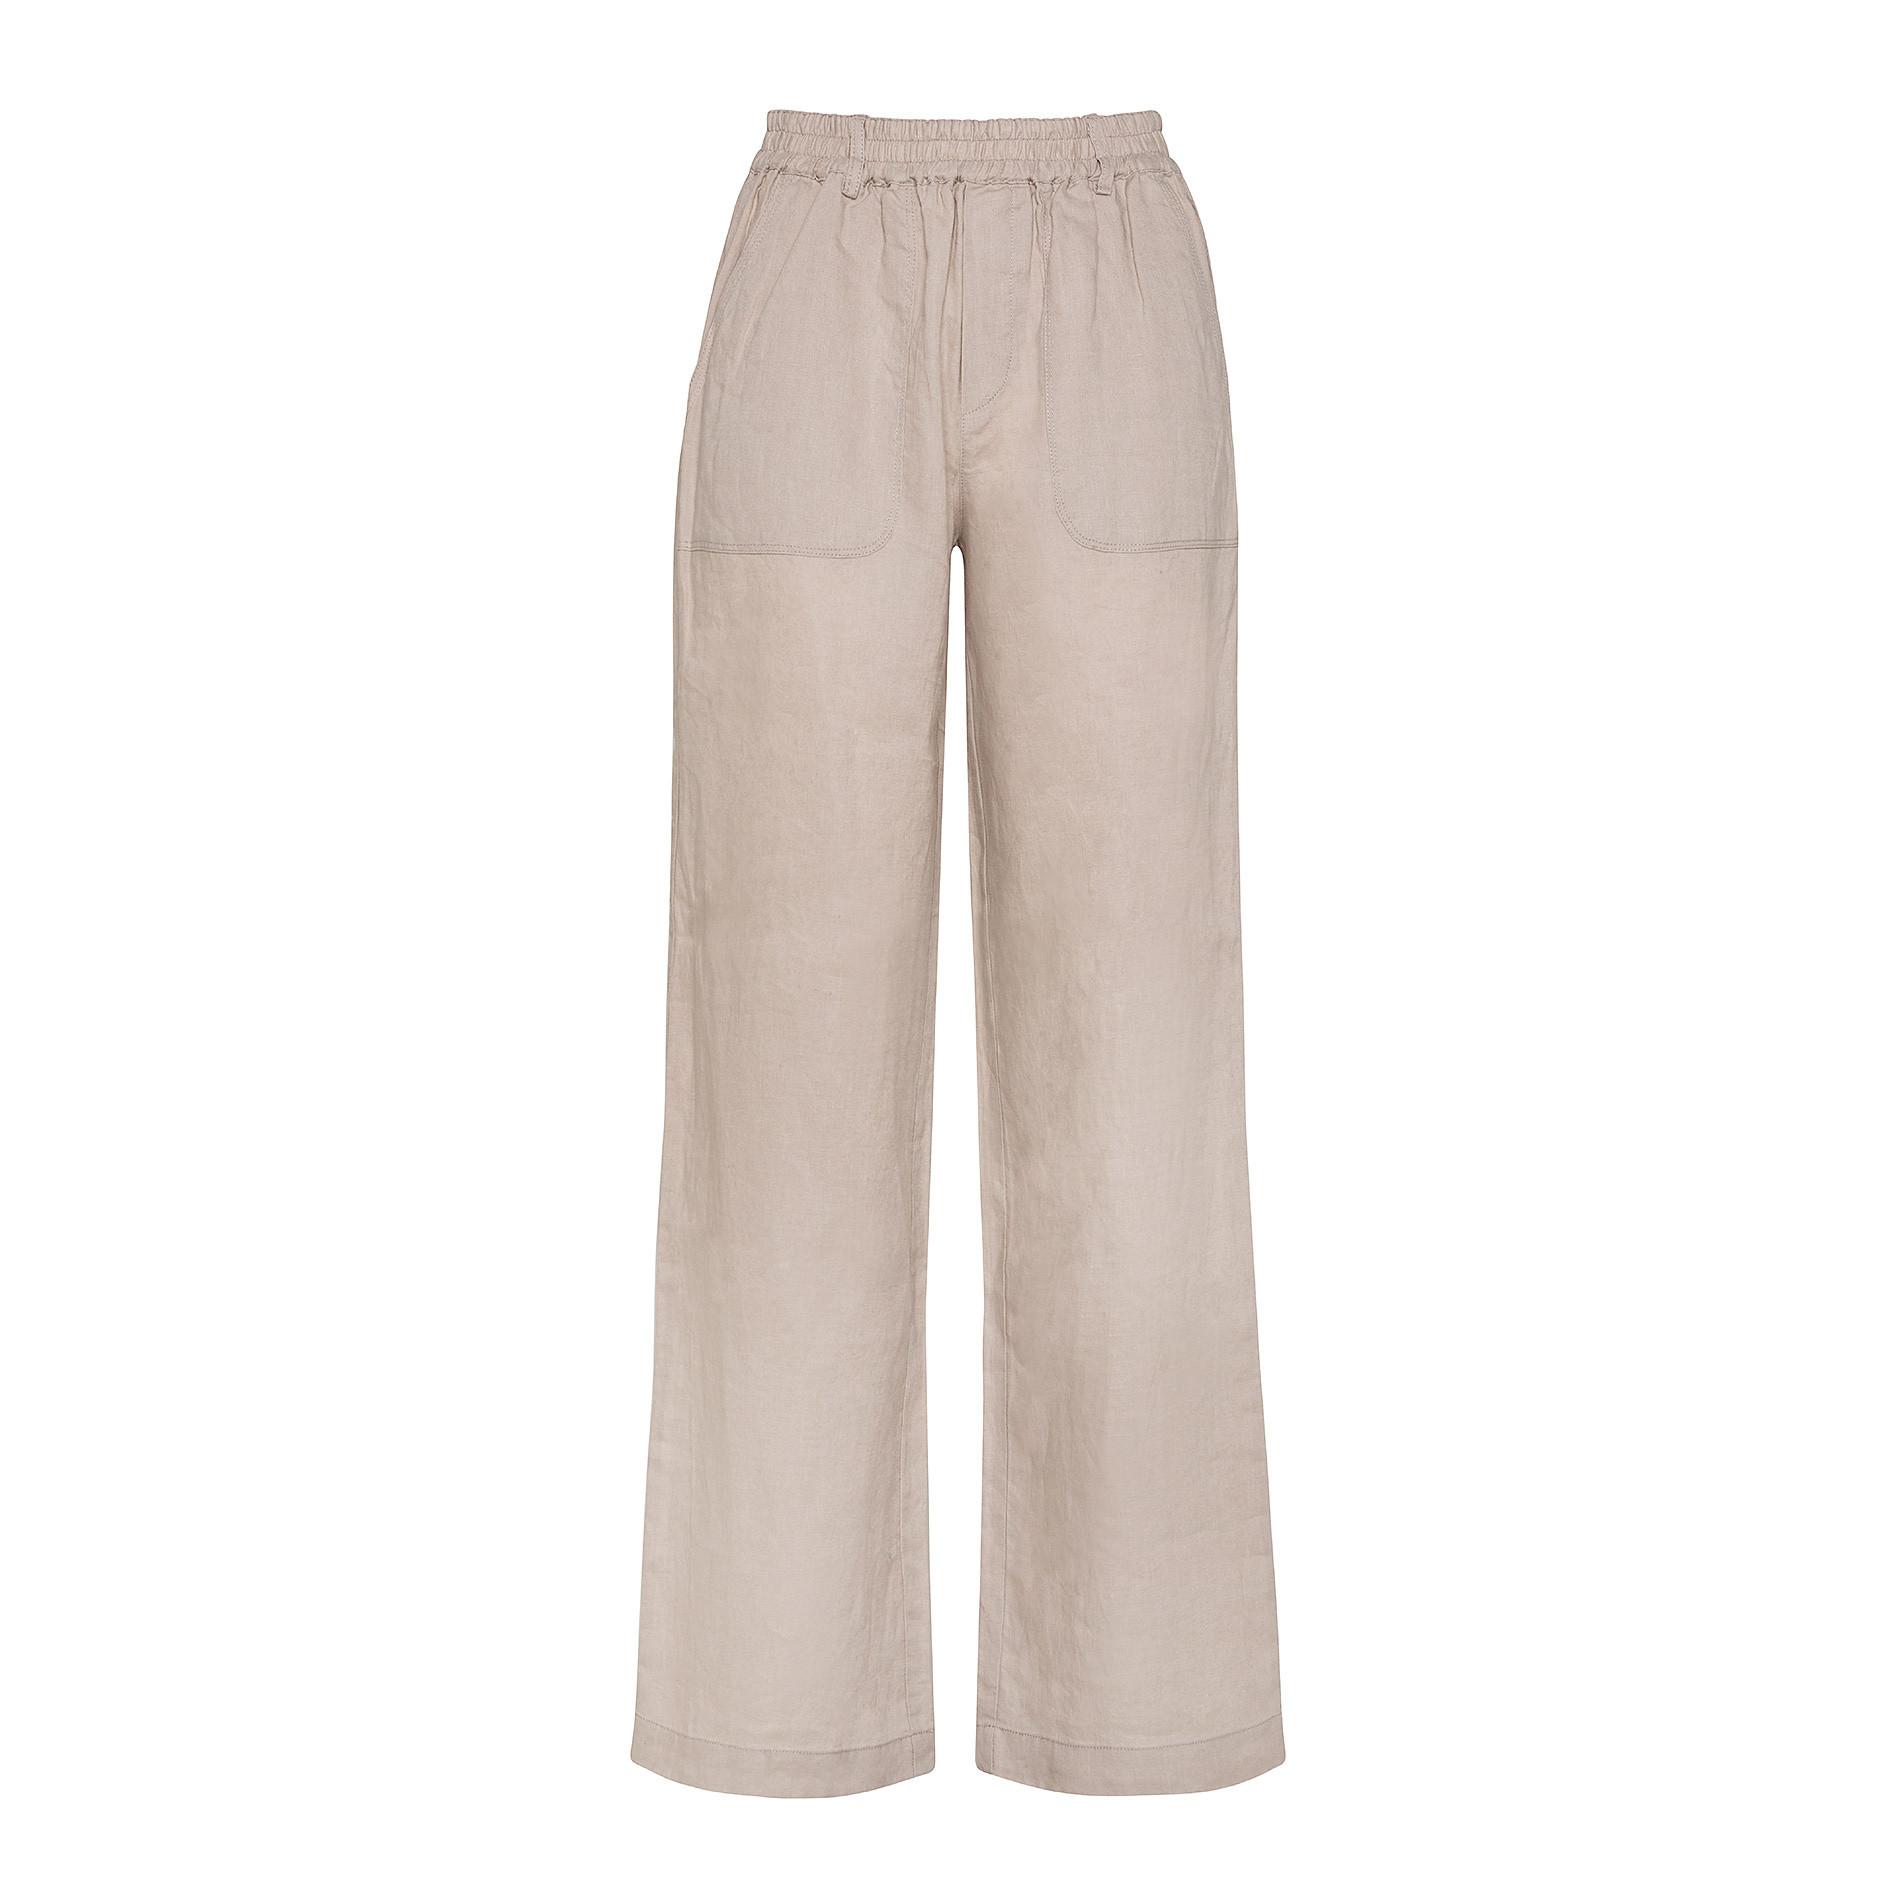 Pantalone morbido 100% lino Koan, Beige, large image number 1